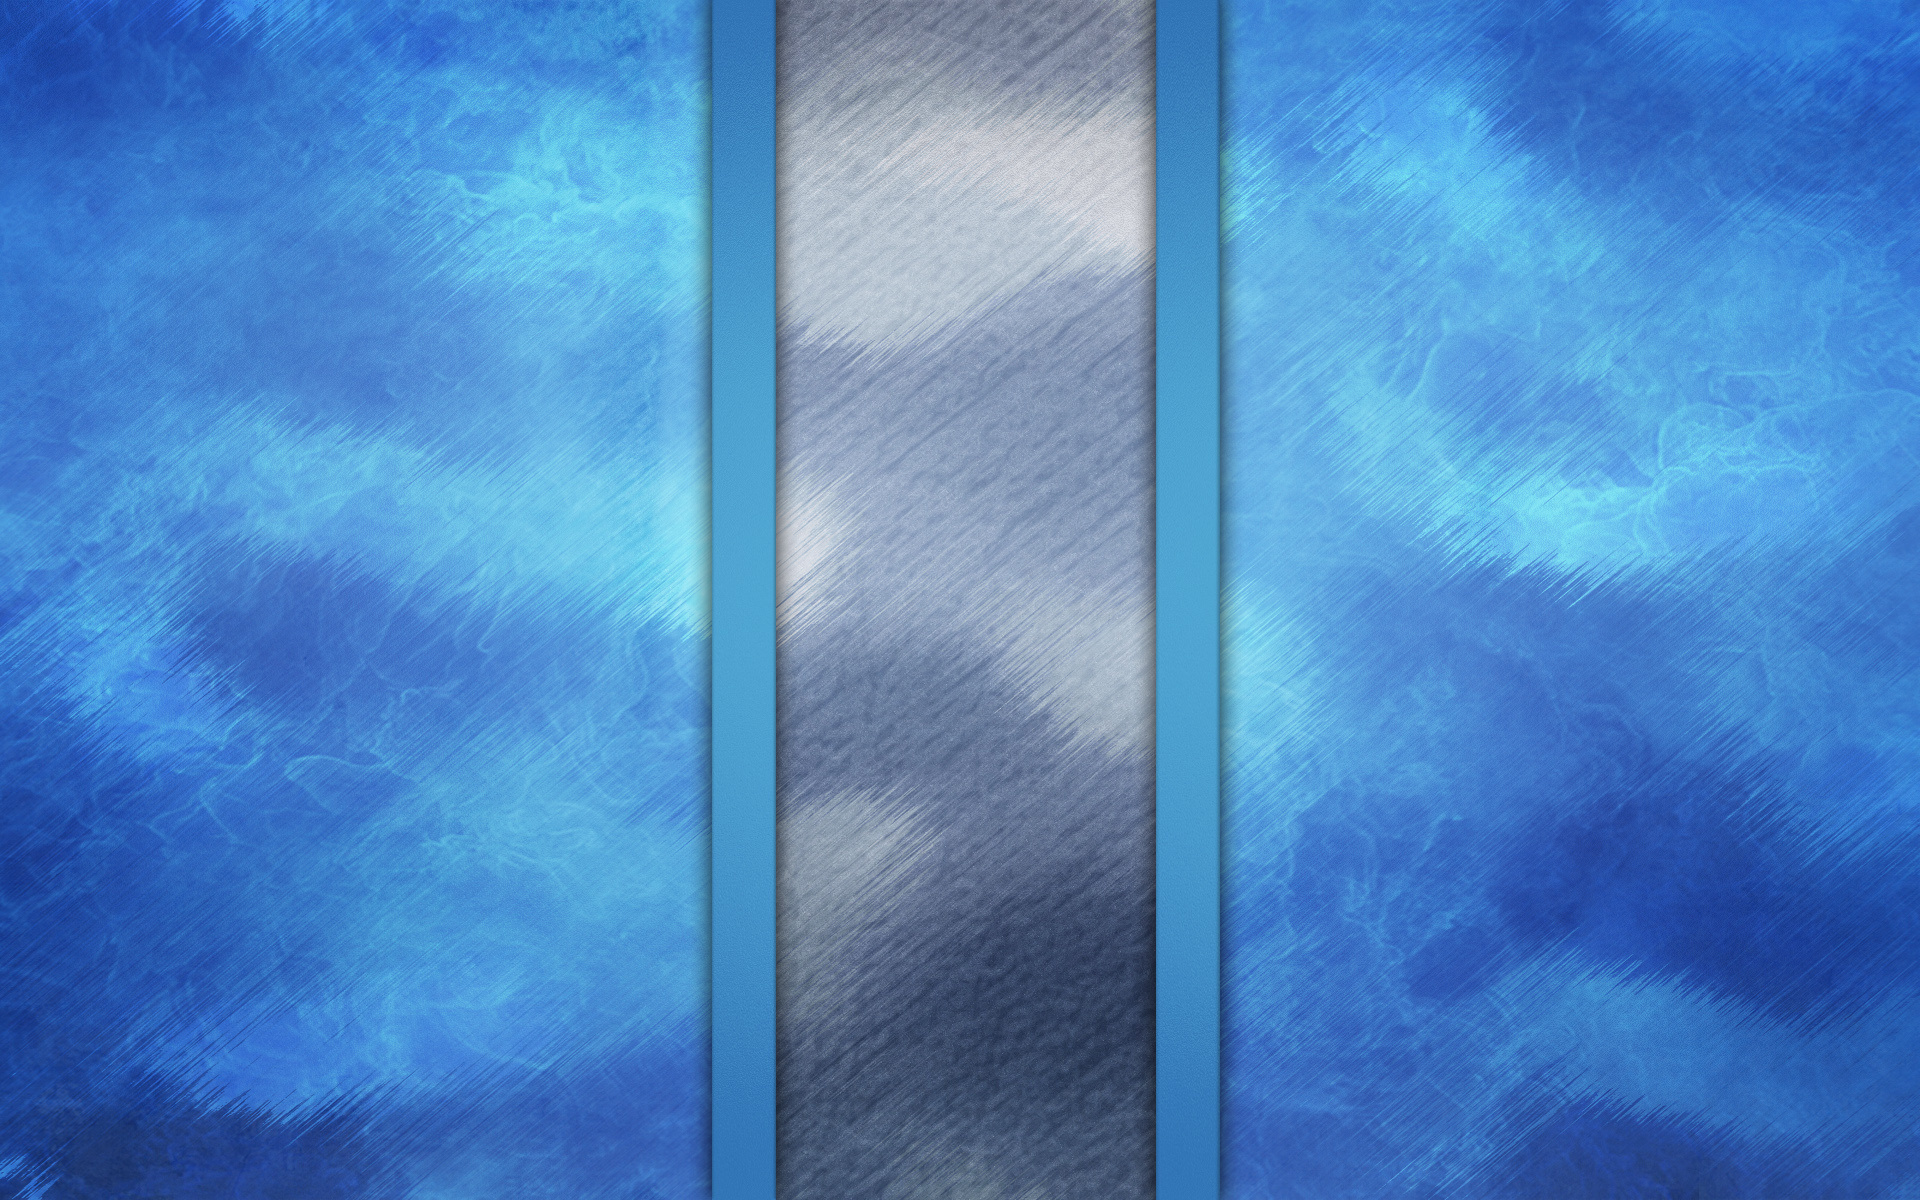 Волны текстура обои  № 3271007  скачать